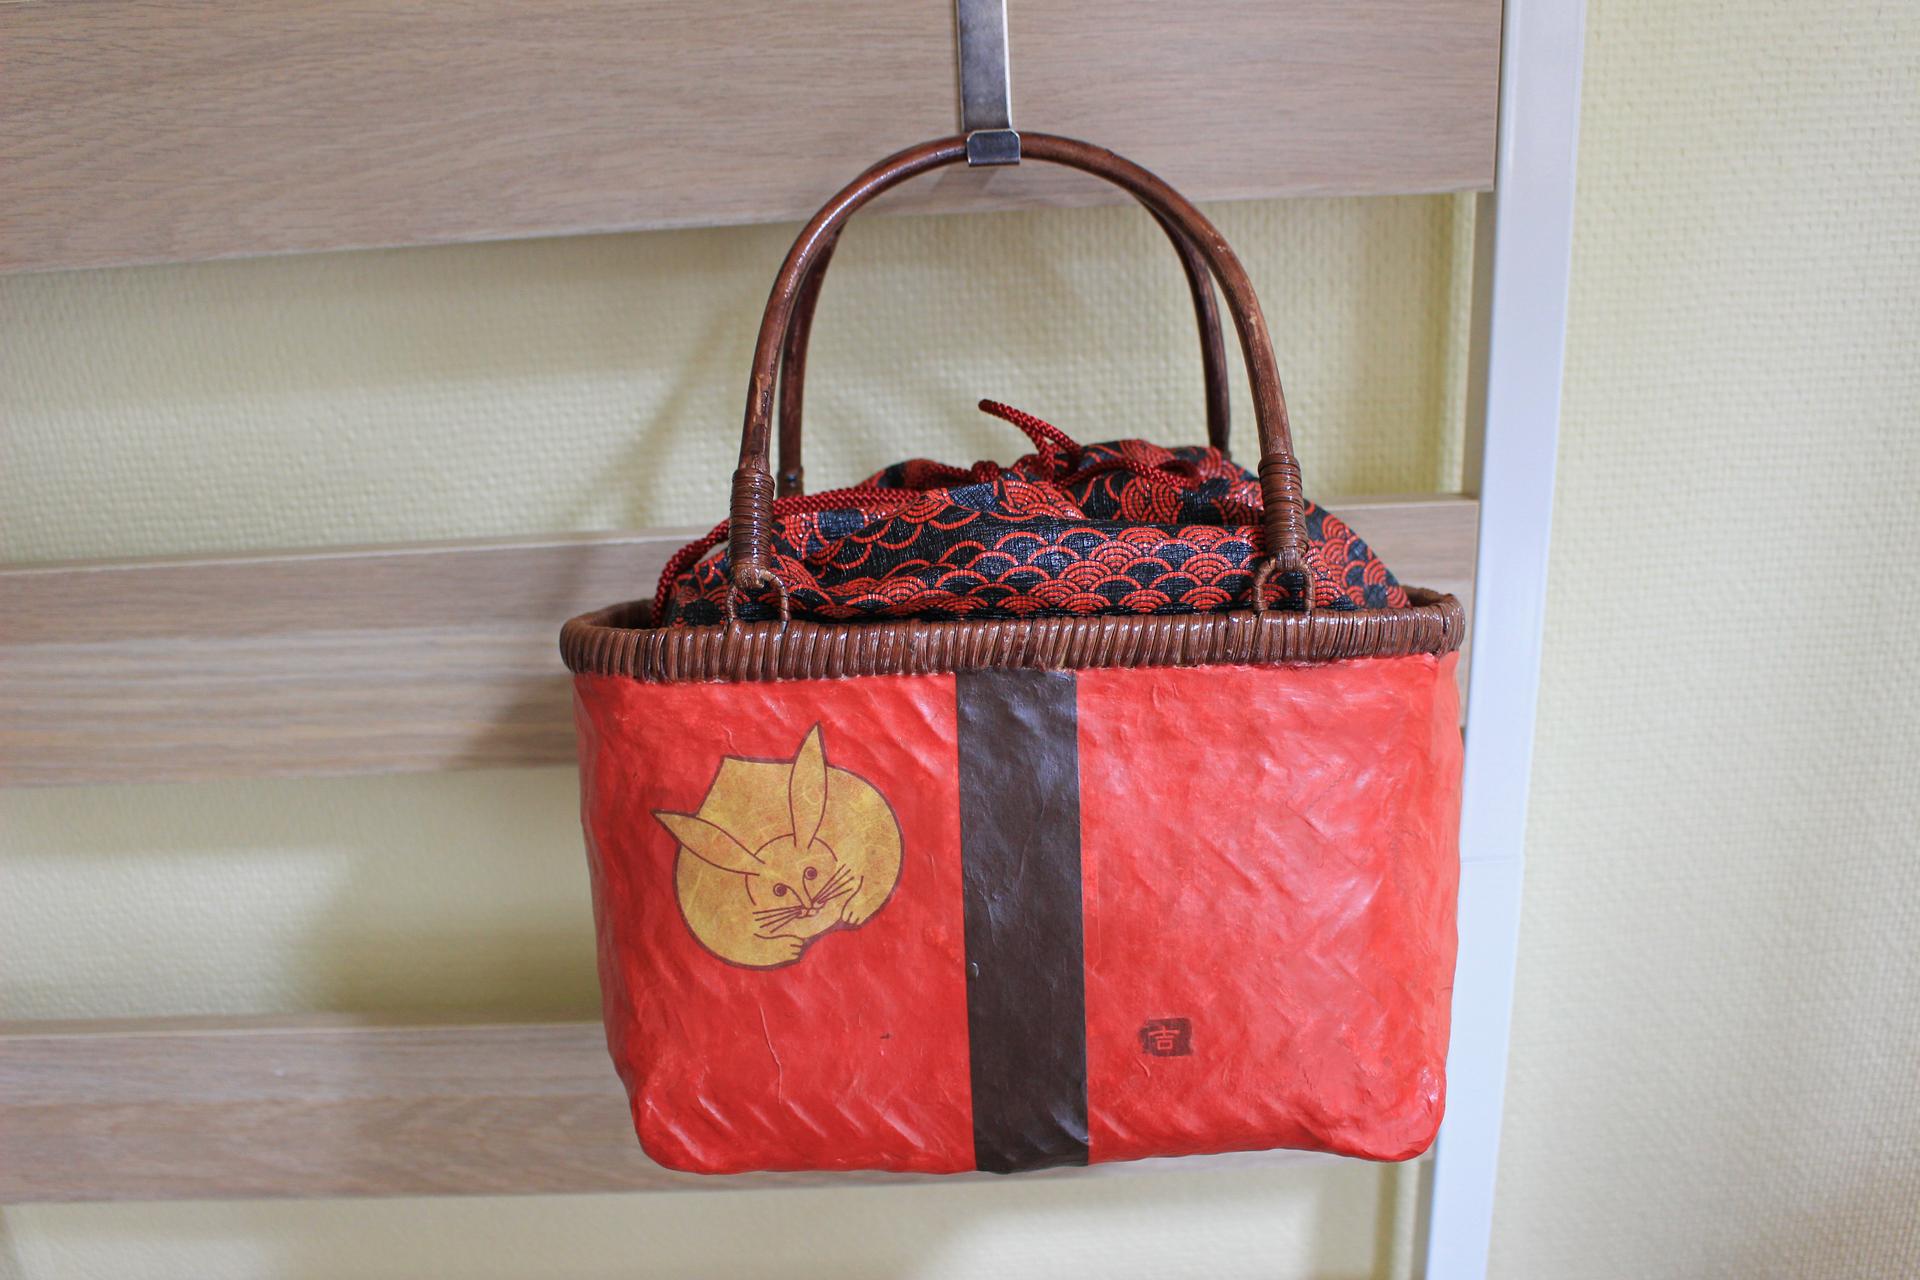 かごバッグS③+和紙巾着Lサイズ①セット <Basket size S③ with drawstring pouch size L①>